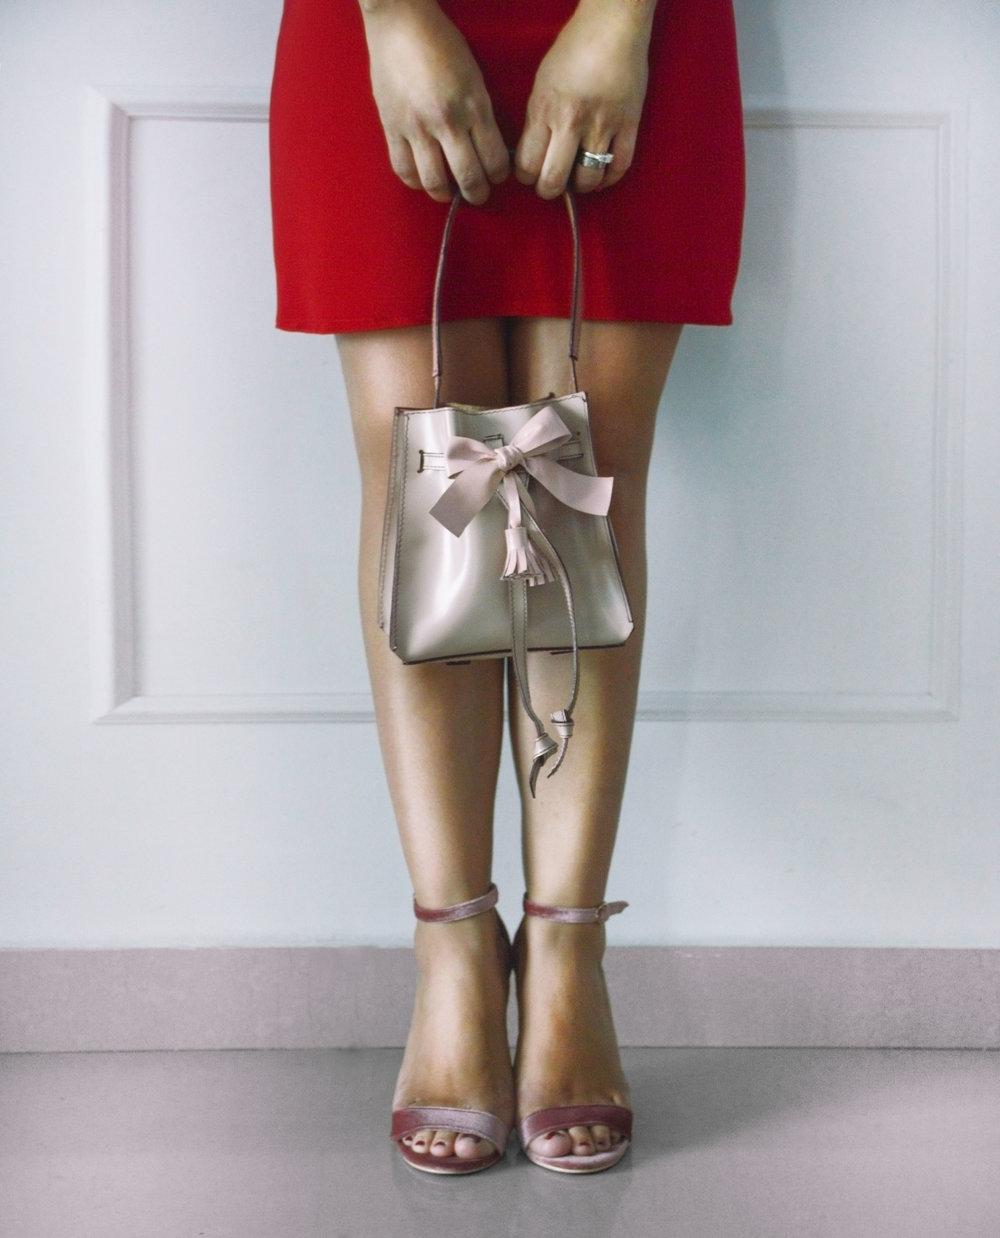 Julie Rose vestido rojo frente.jpg